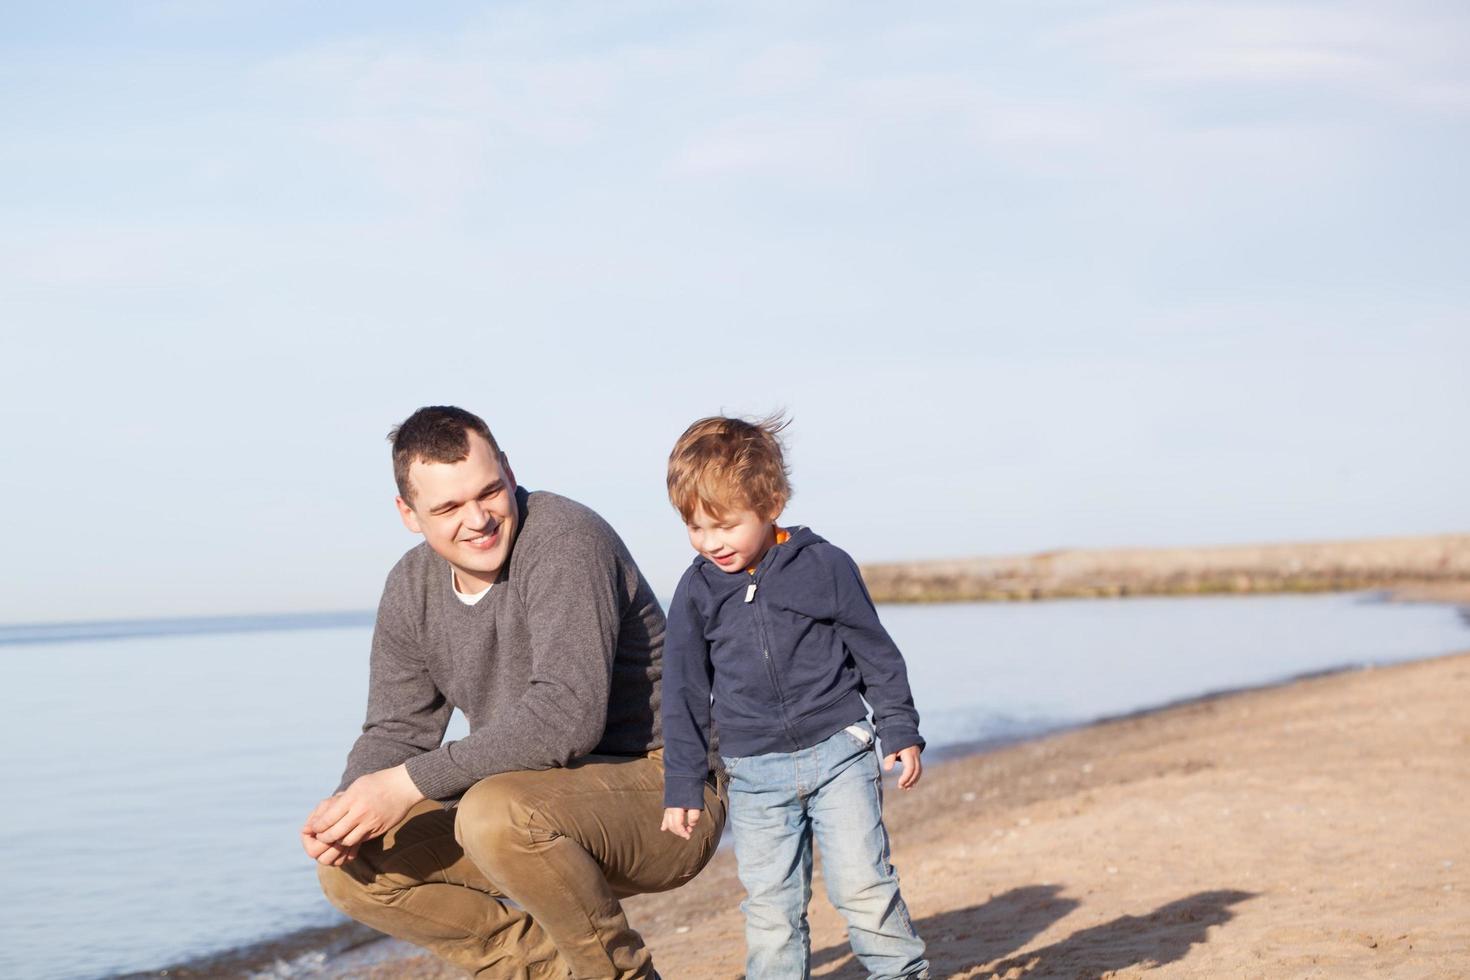 padre con su hijo pequeño en la playa foto